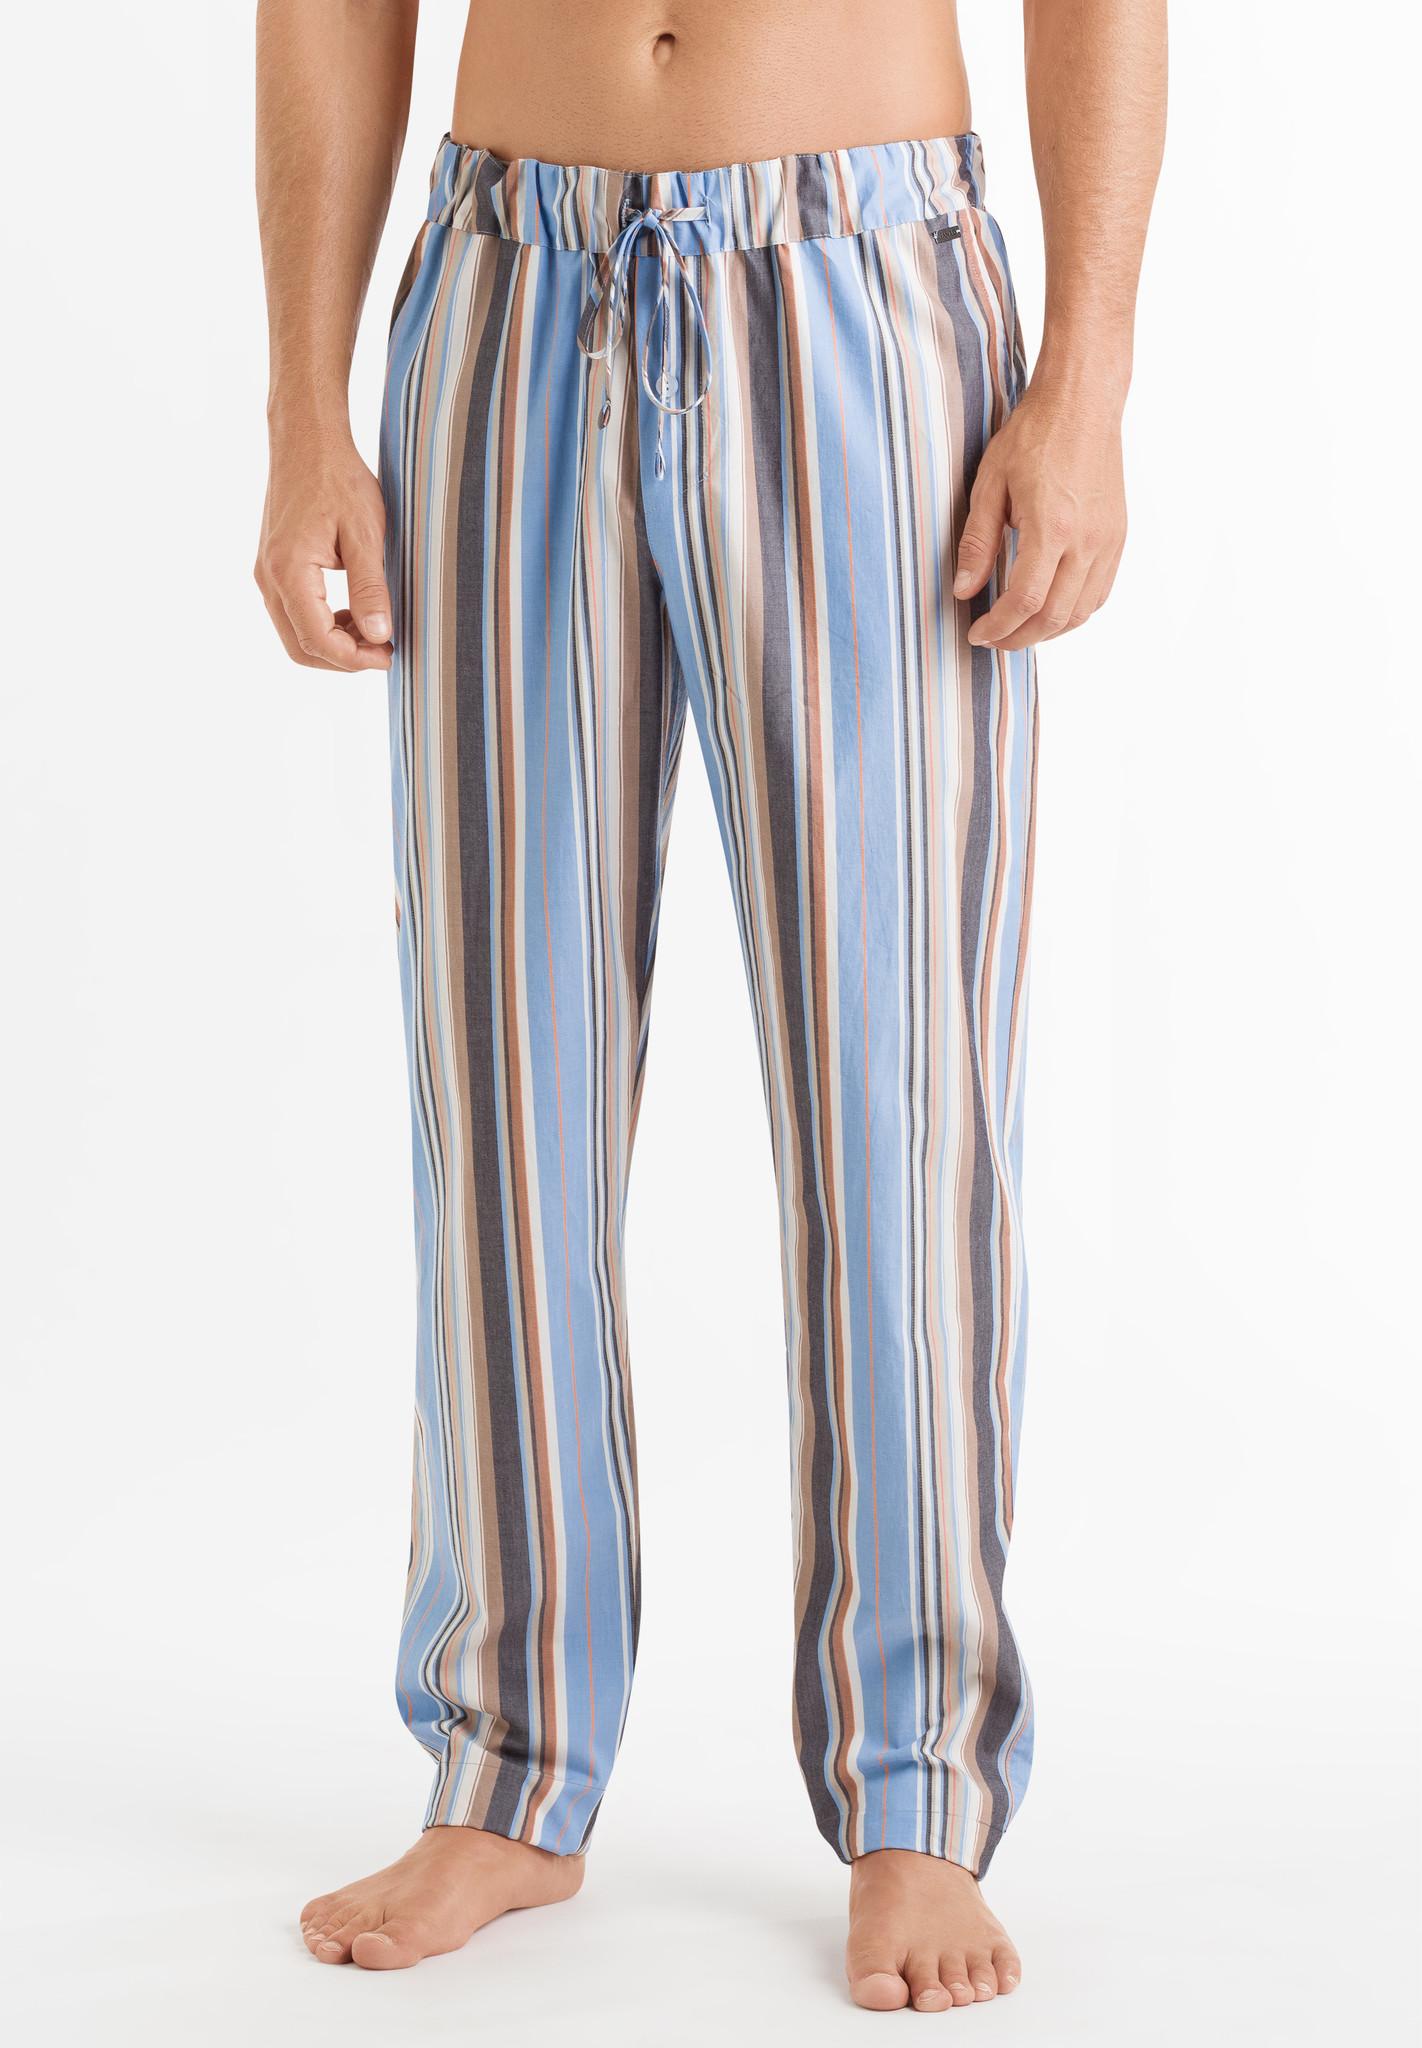 Hanro Heren Sleep & Lounge Night & Day lange broek oranje blauw streep